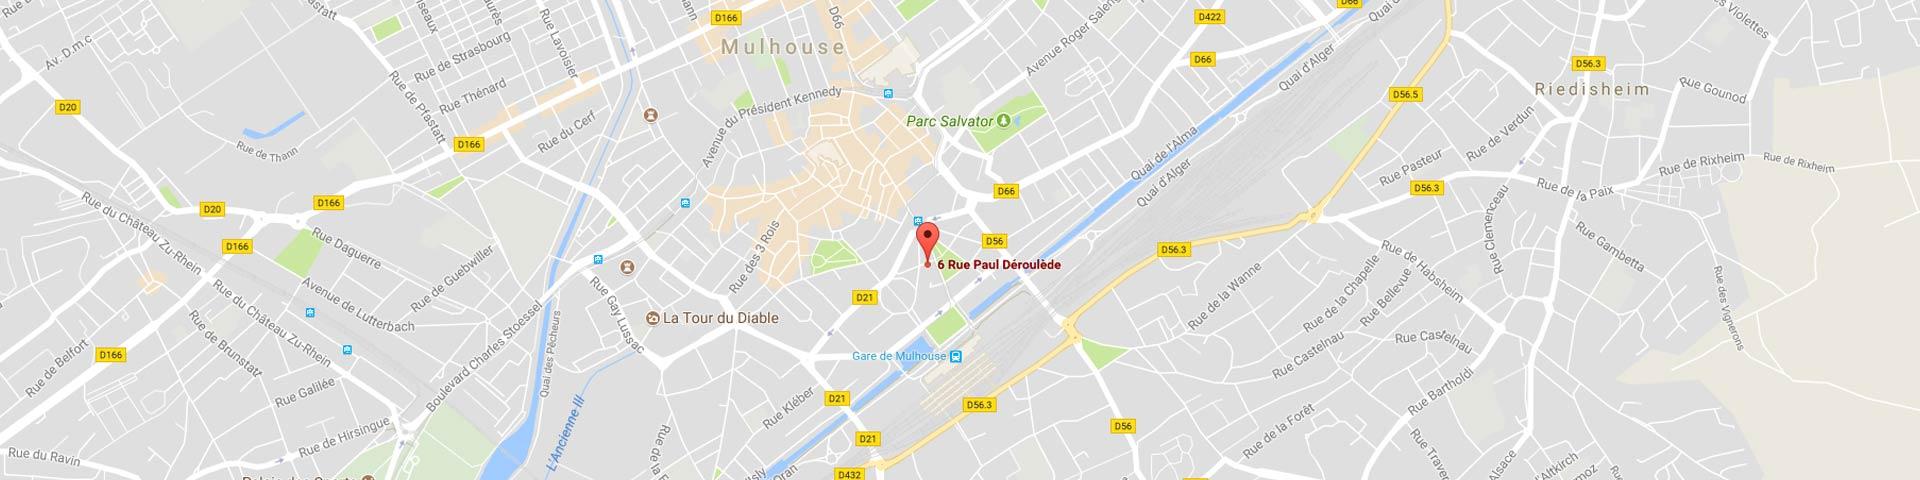 carte situant l'école de conduite larger à mulhouse centre ville gare